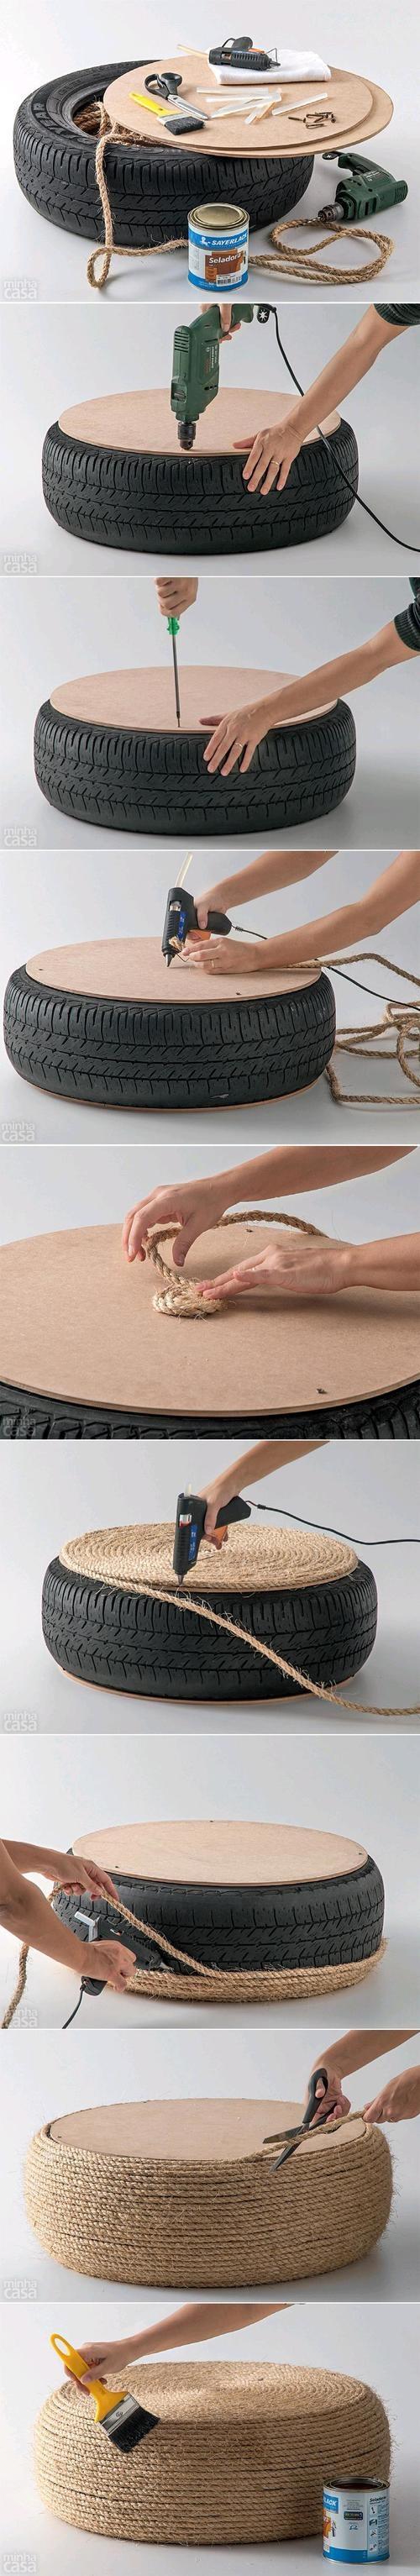 Mesita con rueda